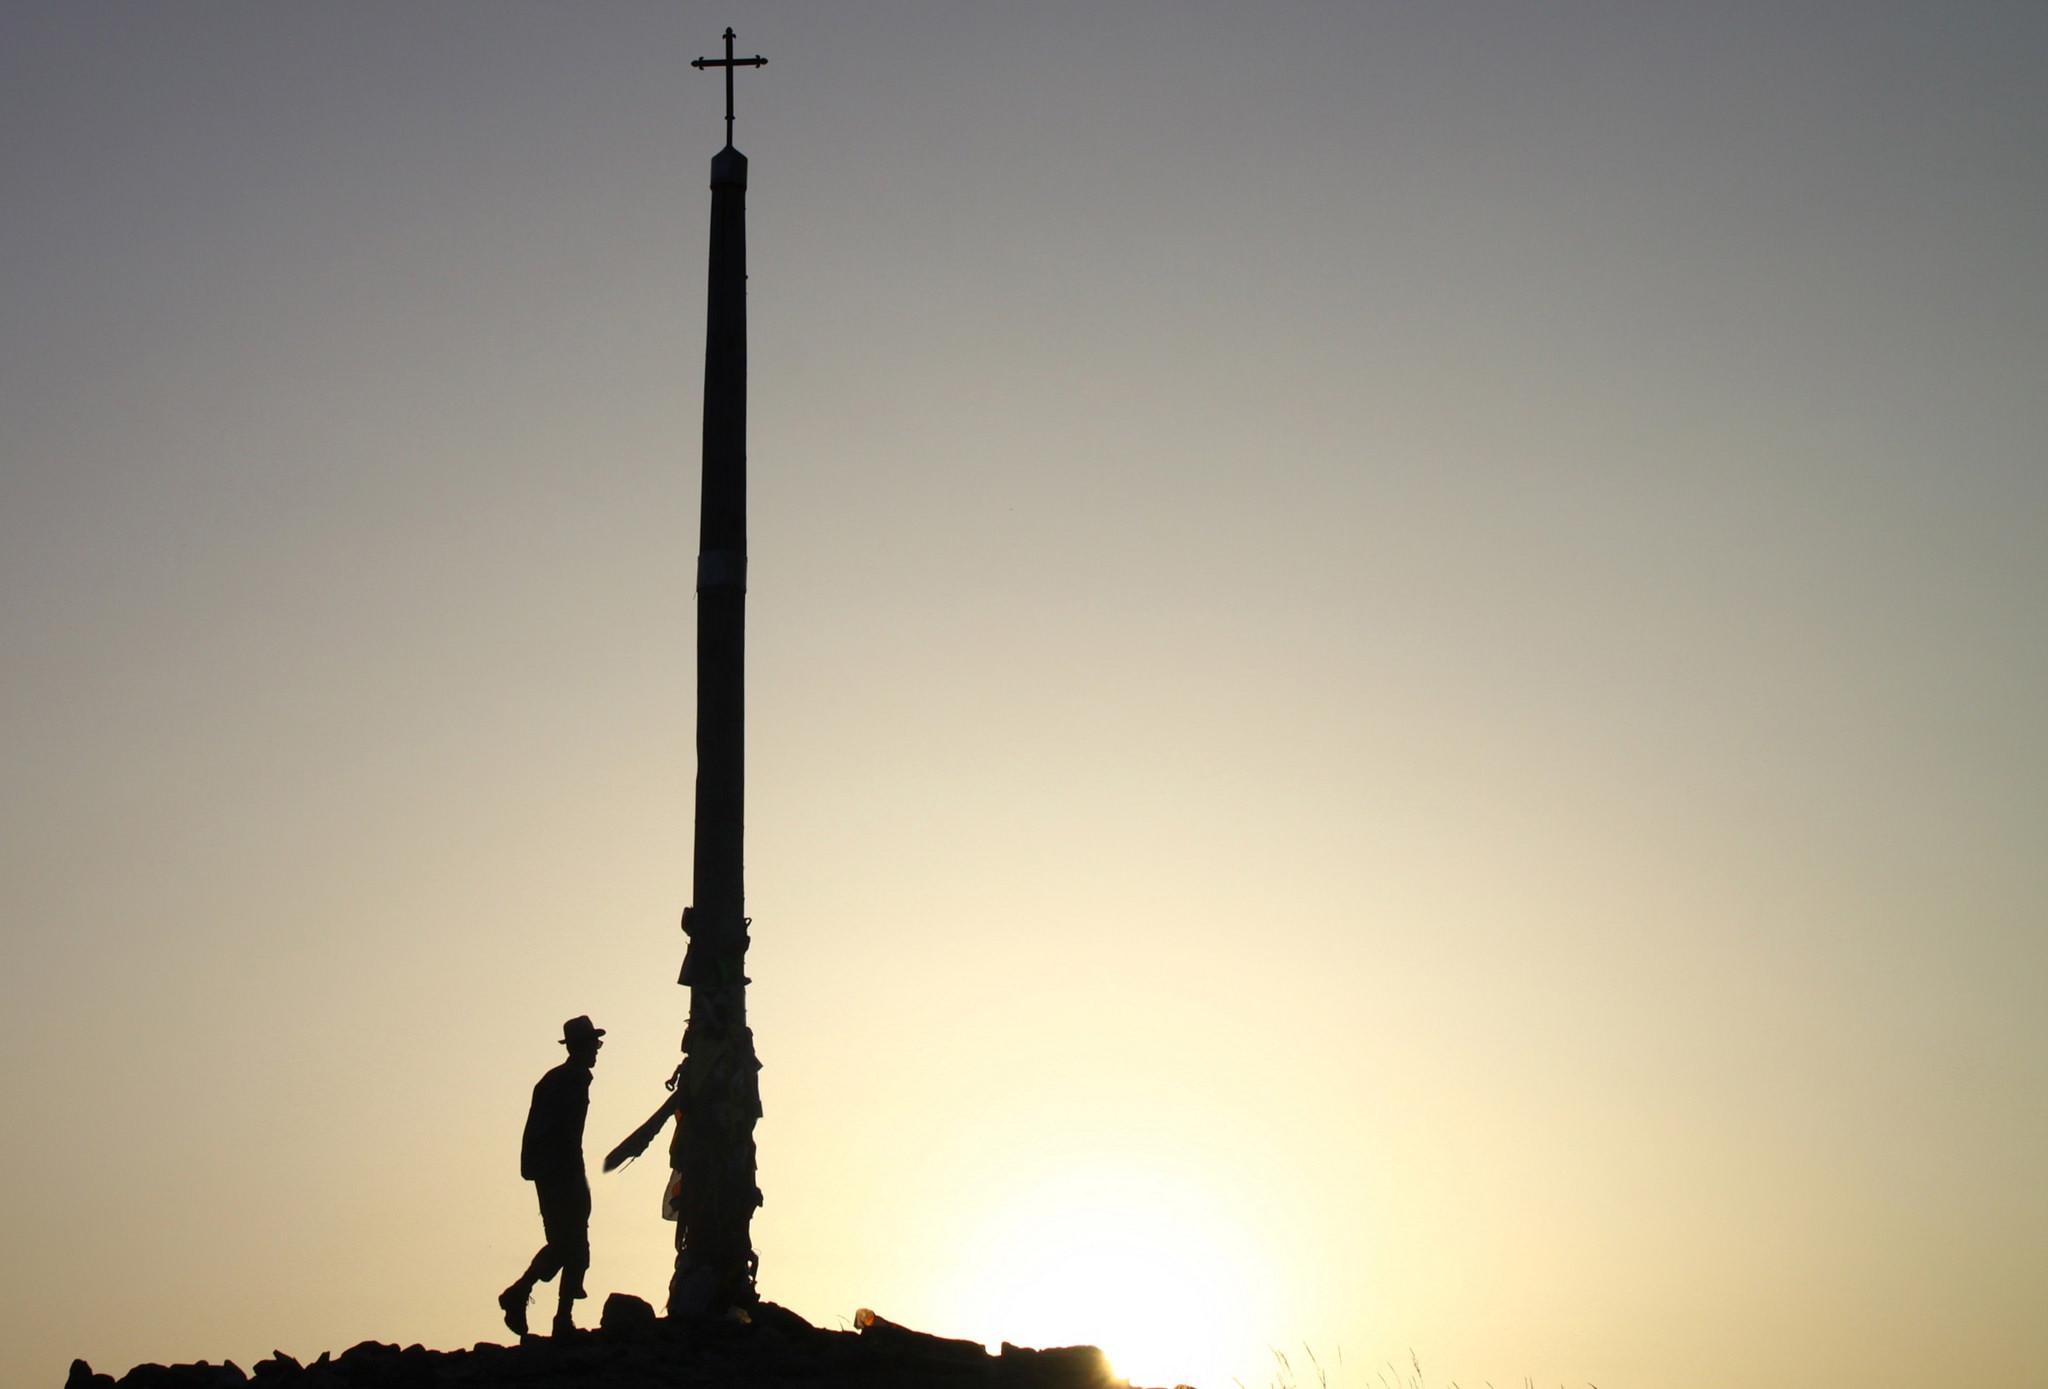 Pilgrim watching the sunrise from the Cruz de Ferro